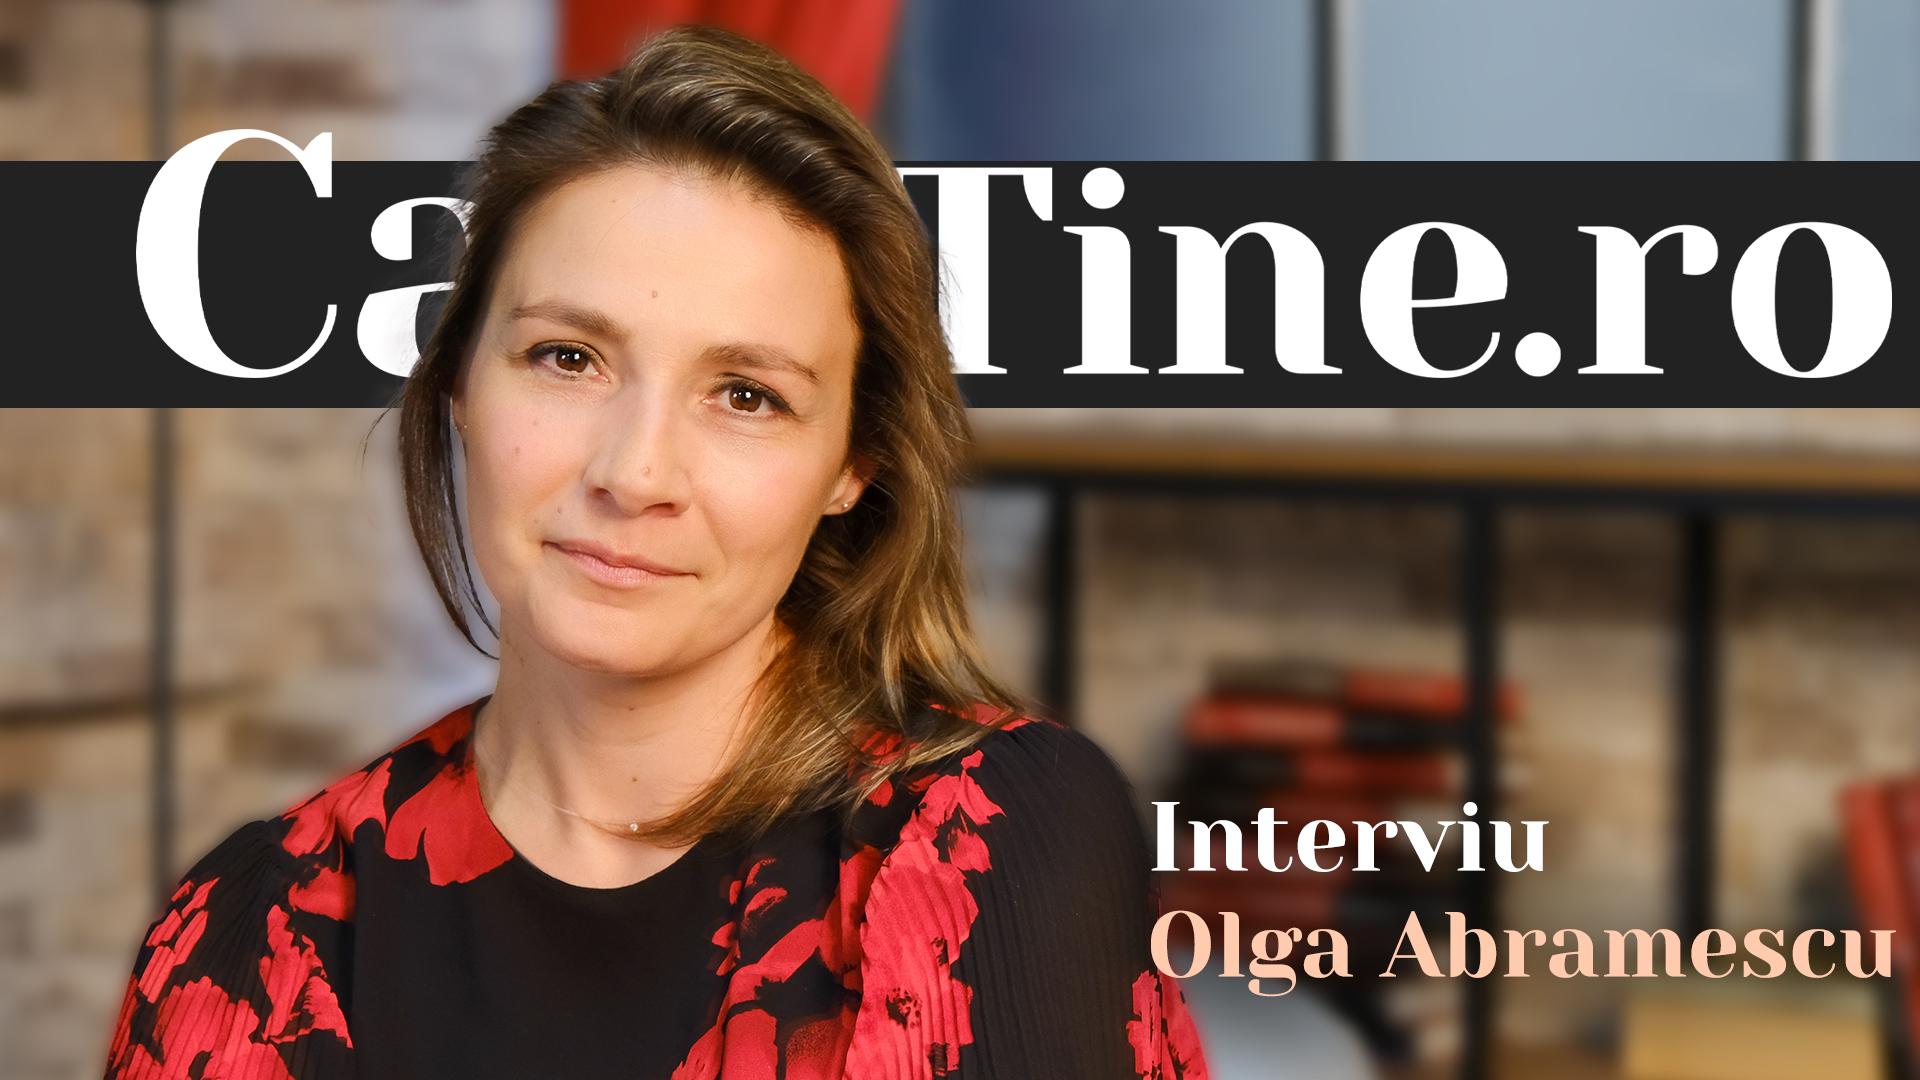 CaTine.Ro - Interviu Olga Abramescu - Perseverentă